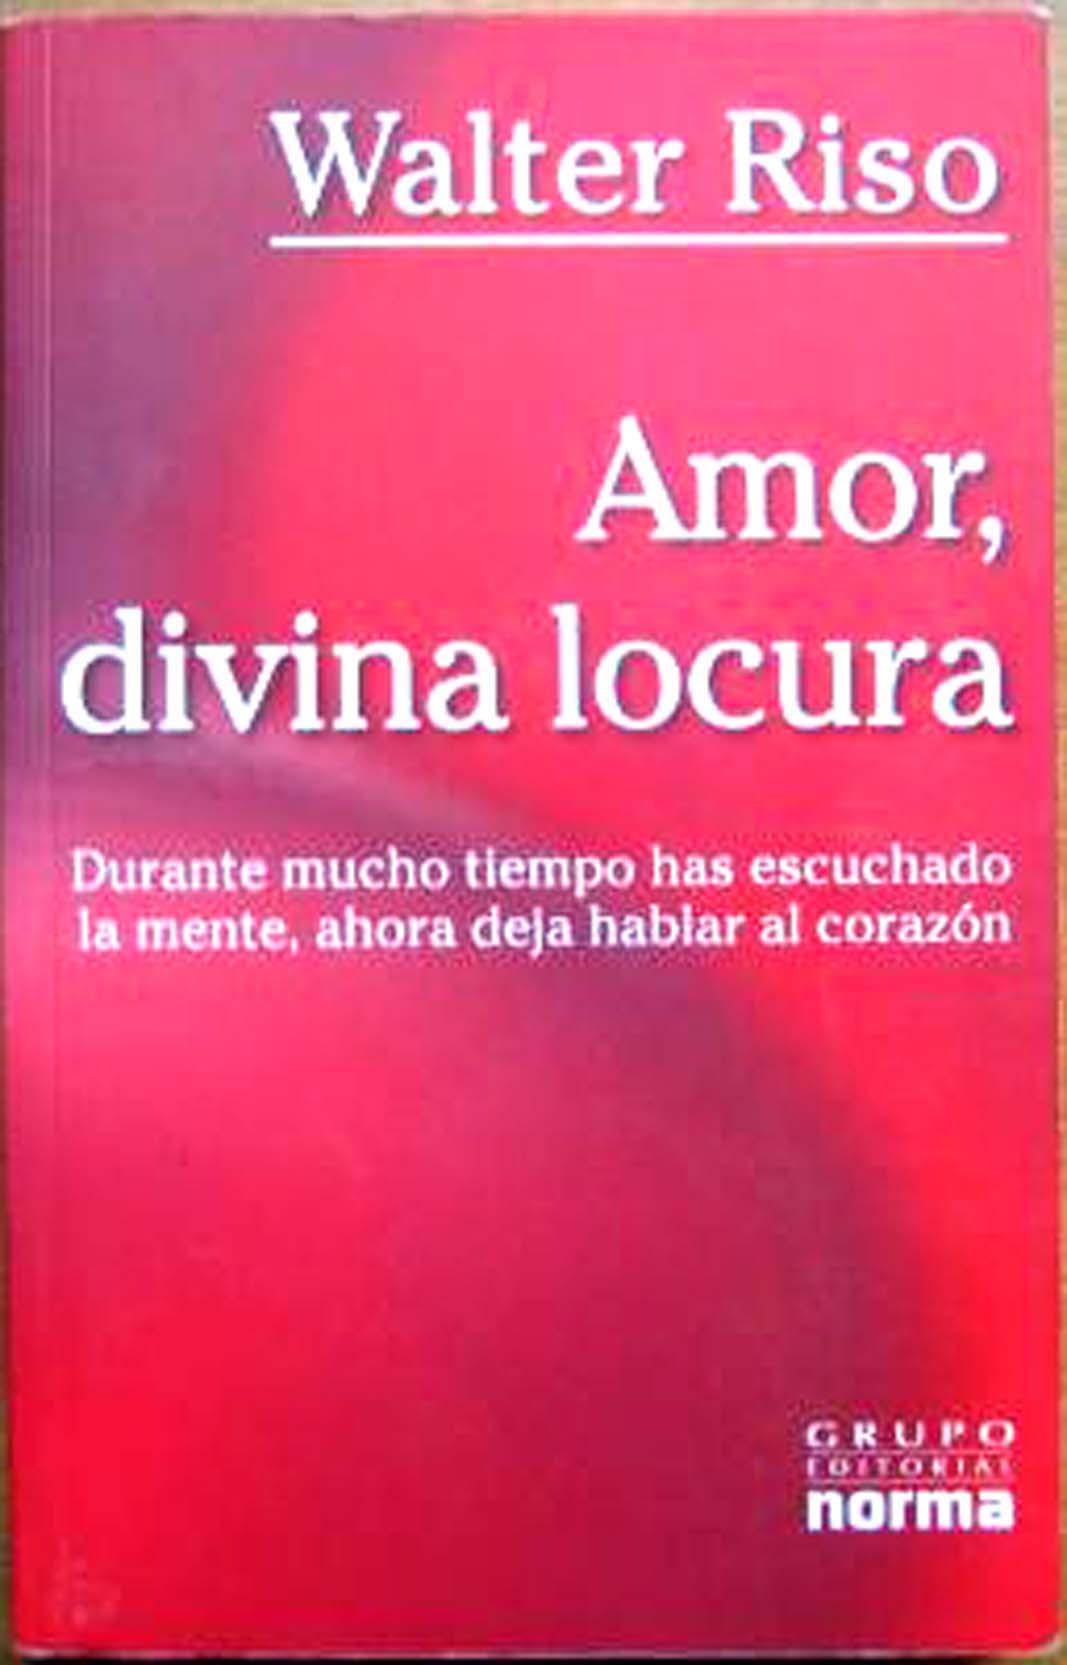 Amor Divina Locura Ecured